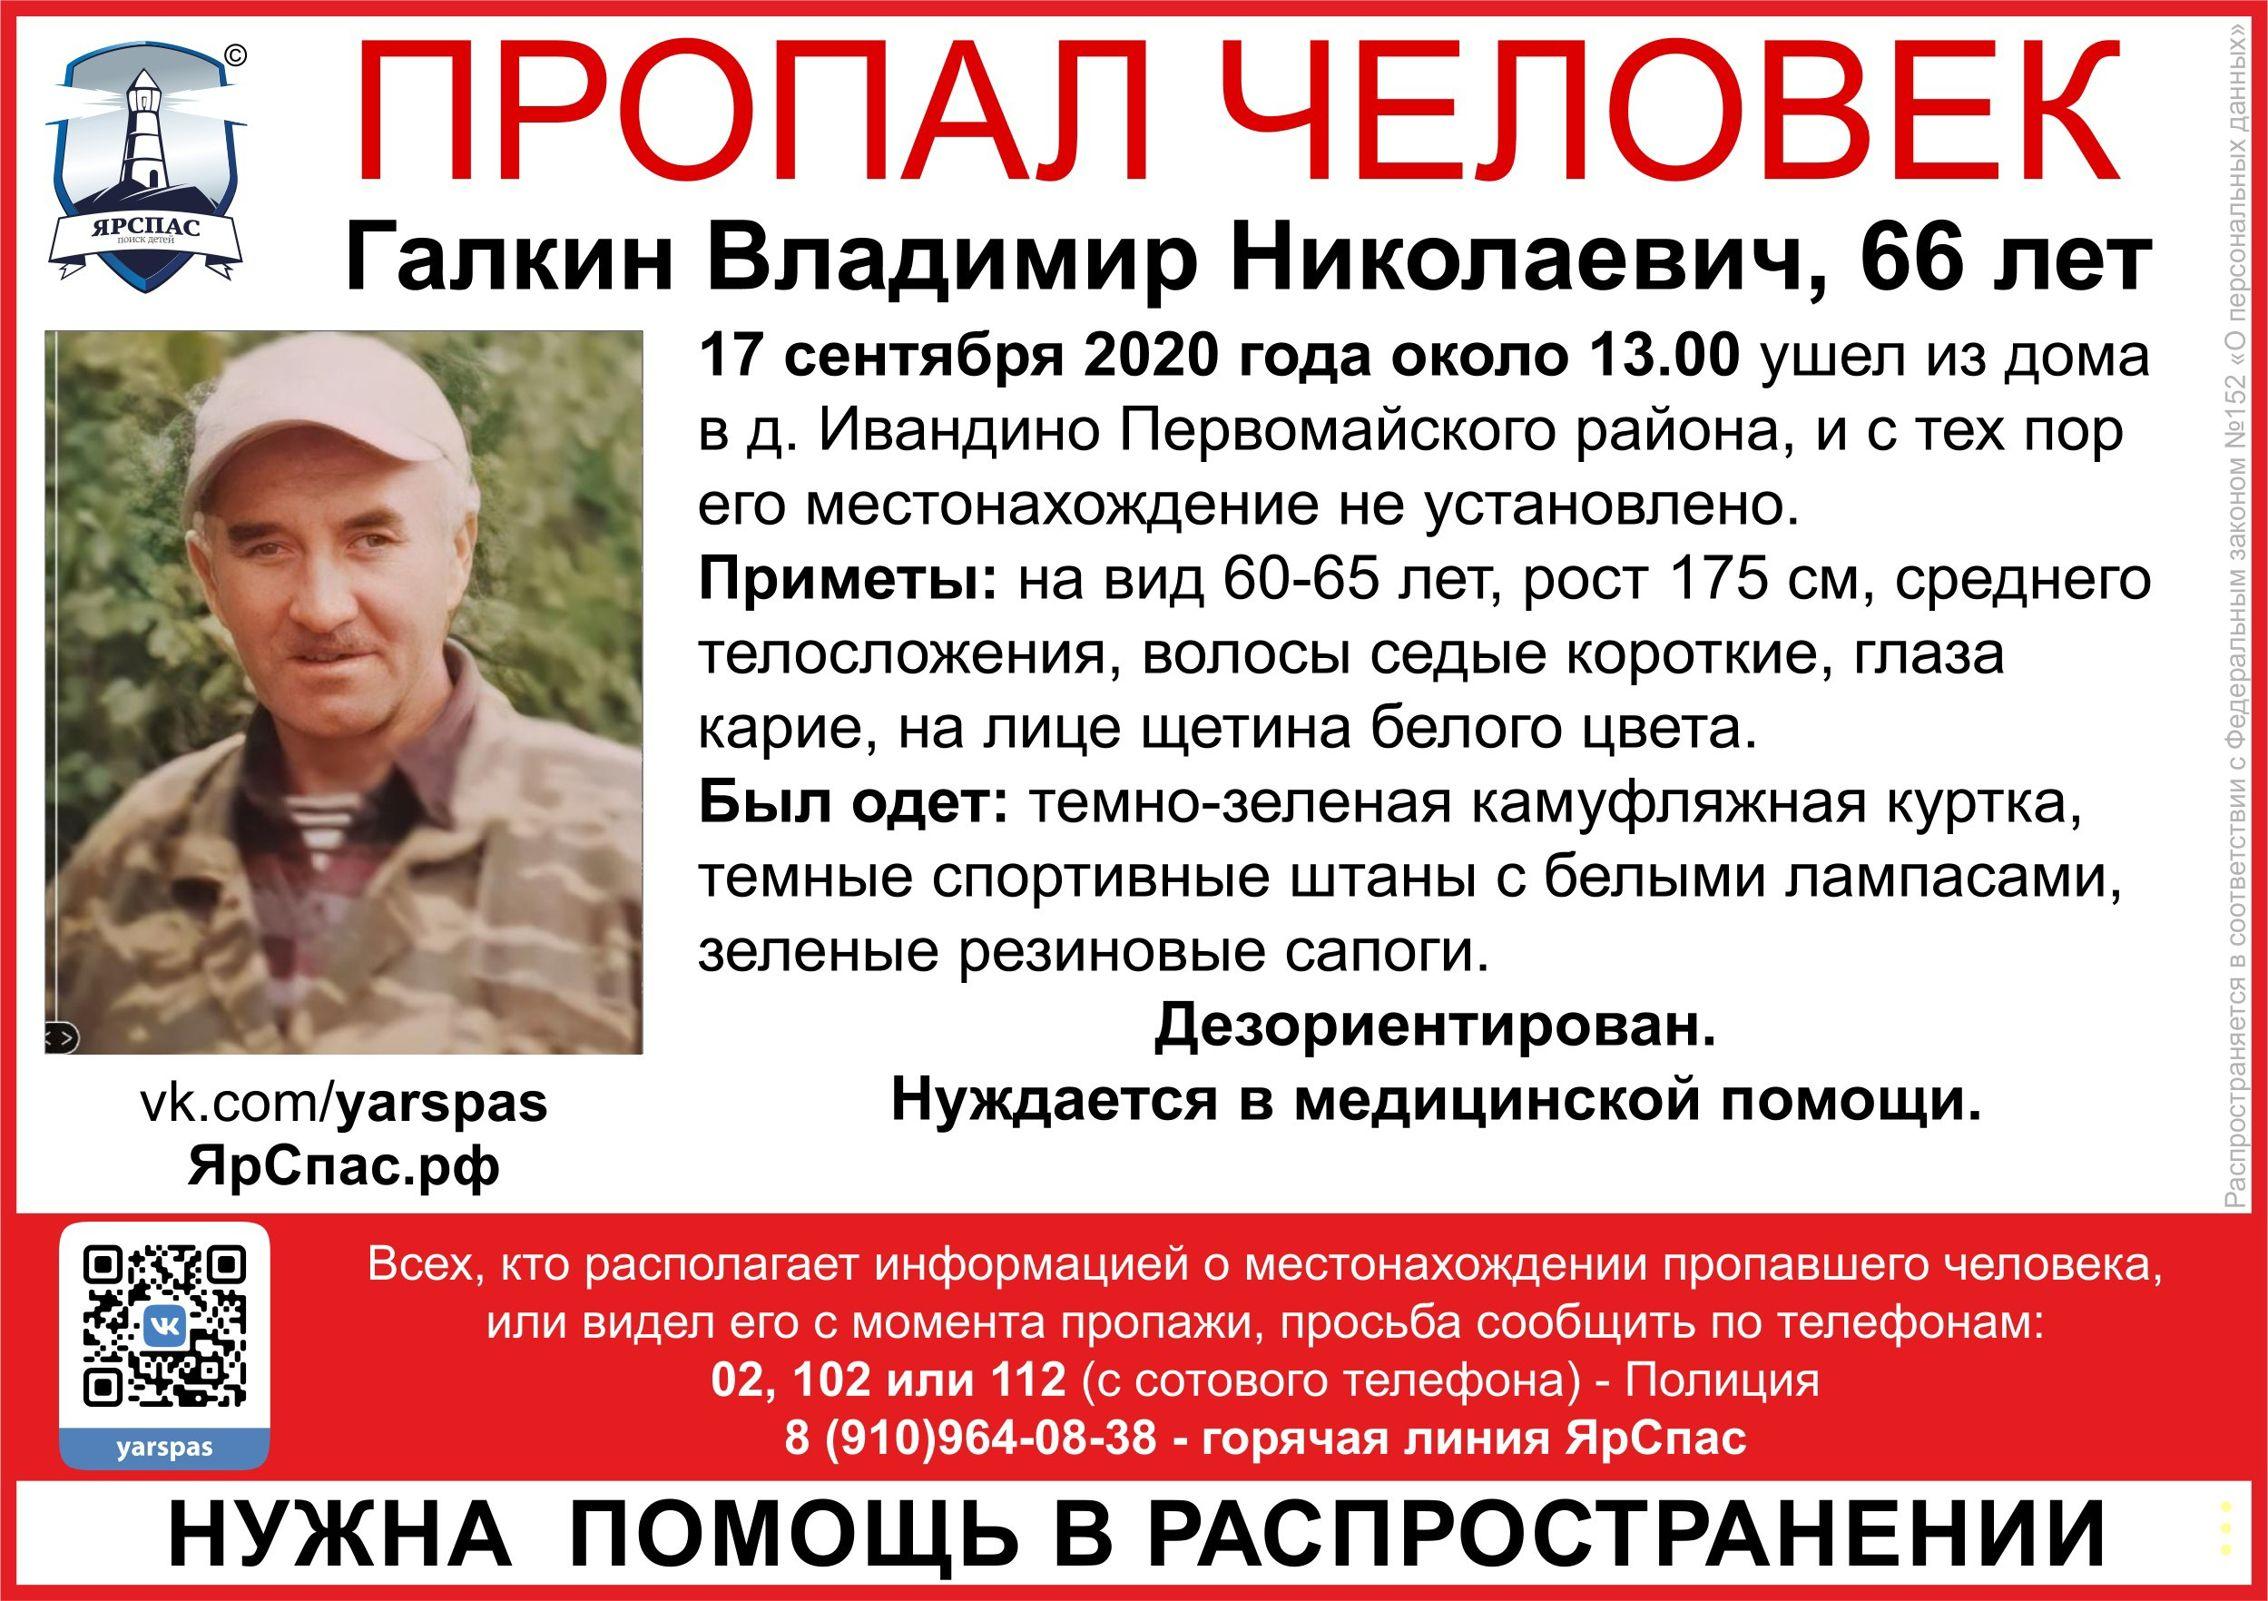 Дезориентирован и нуждается в медпомощи: в Ярославской области ищут пропавшего пенсионера